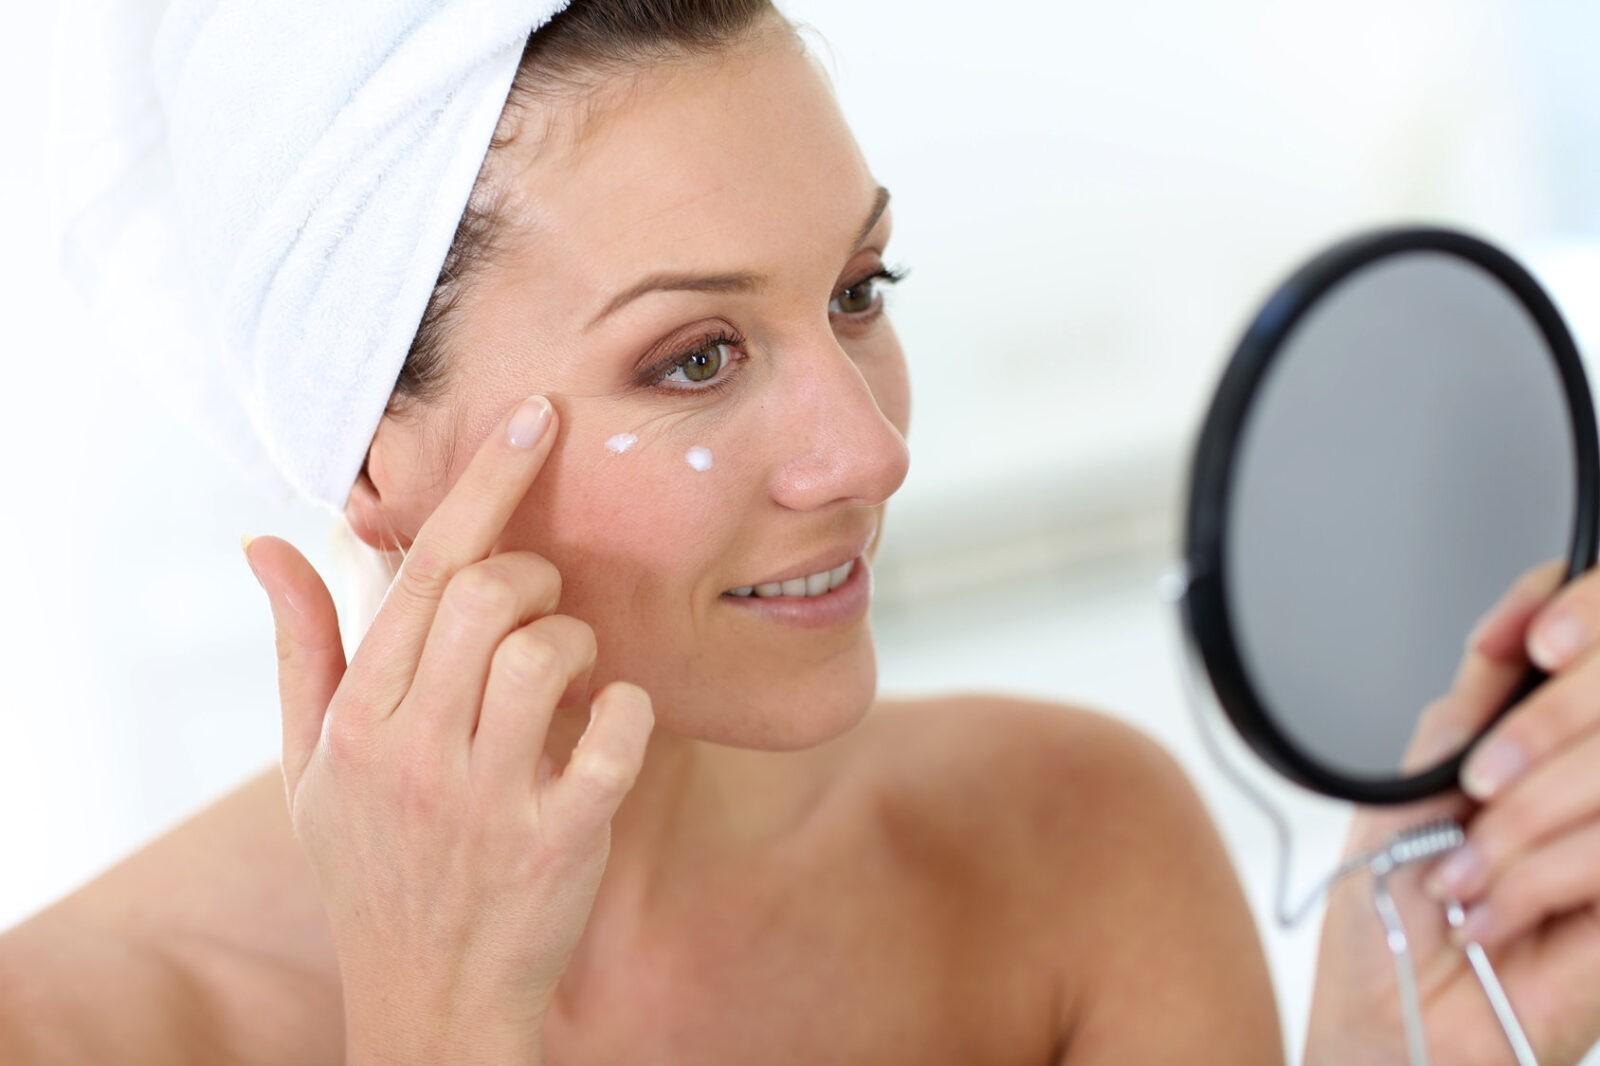 Этот мощный натуральный крем всего за 7 дней поможет убрать глубокие морщины с лица